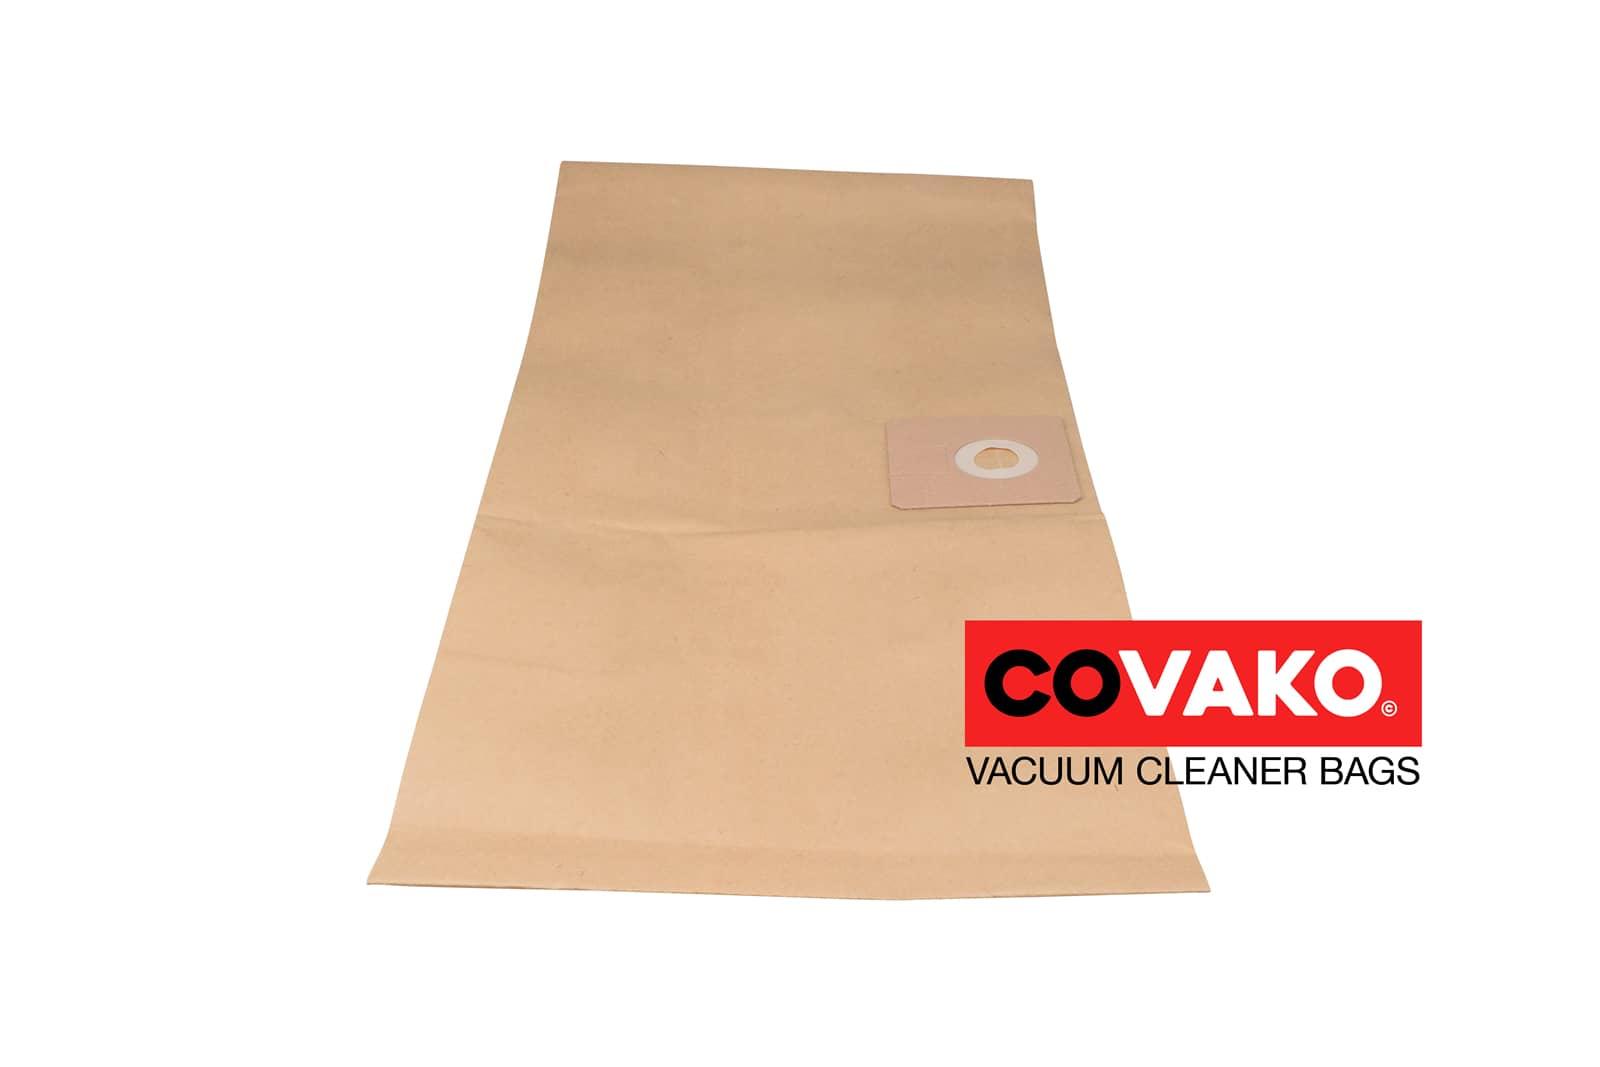 Comac 25 Eco plus / Paper - Comac vacuum cleaner bags